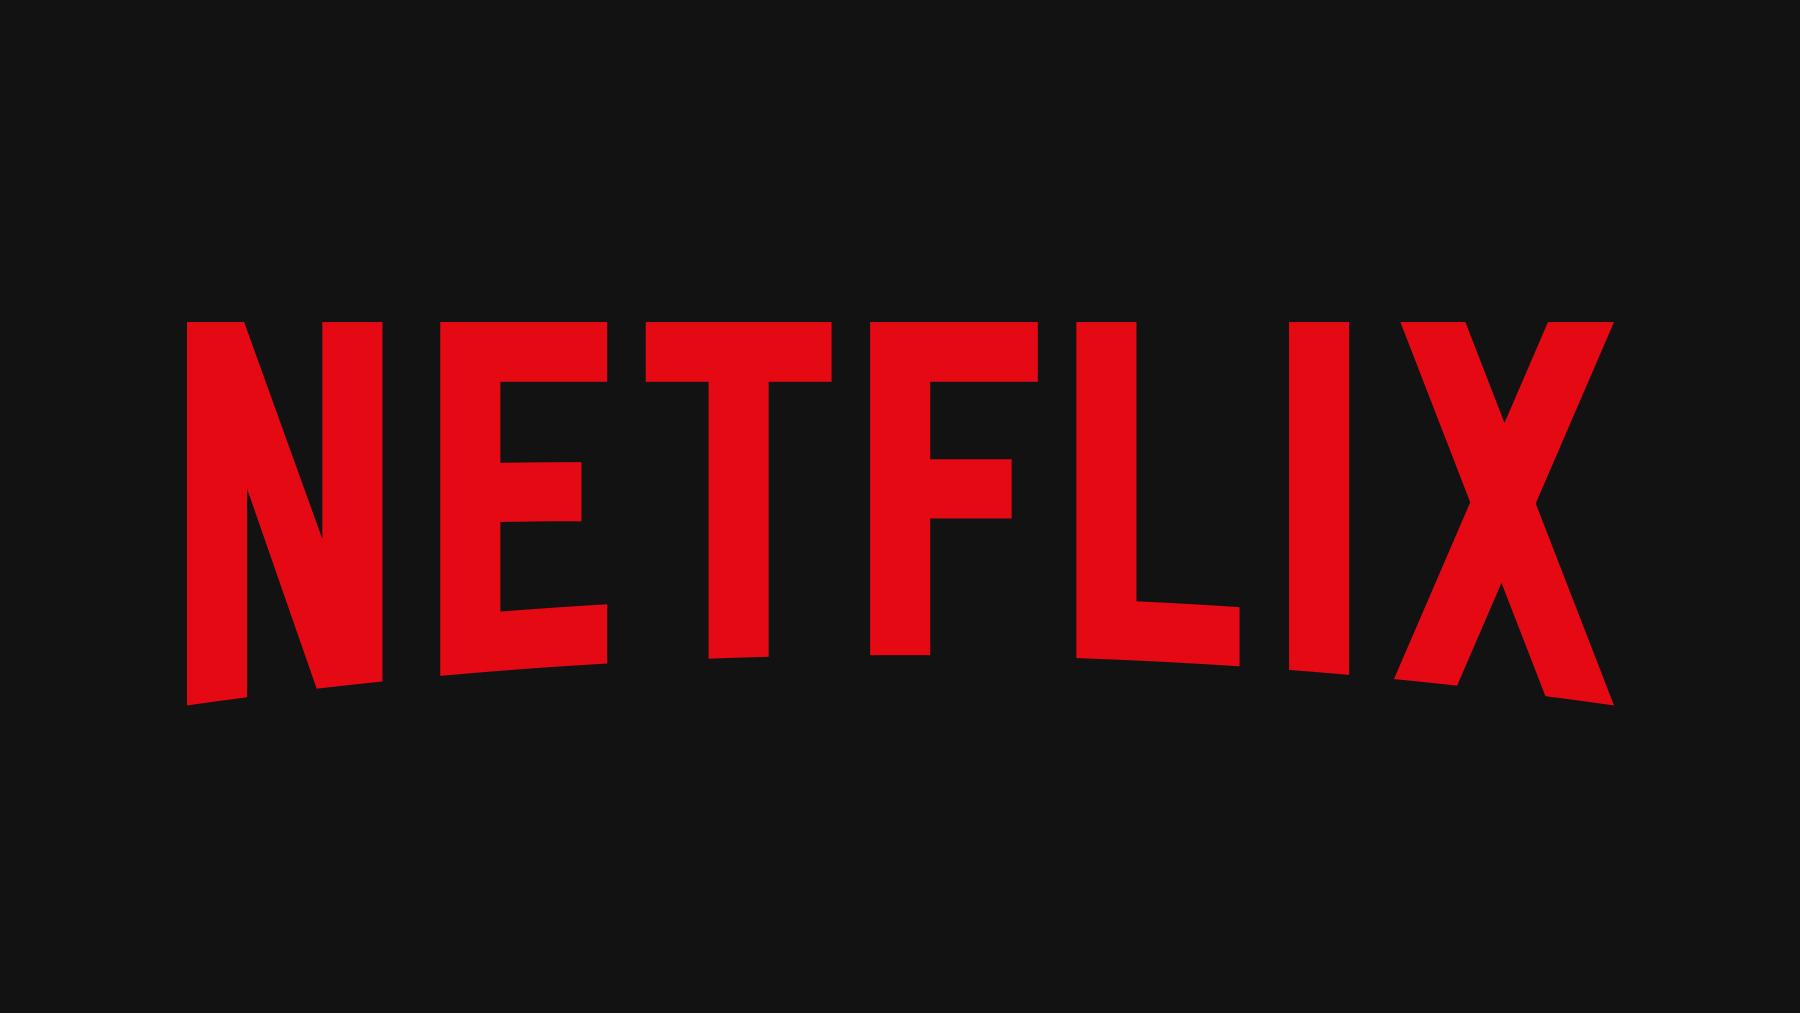 Netflix má ještě levnější předplatné, ale dostupnost je značně omezená